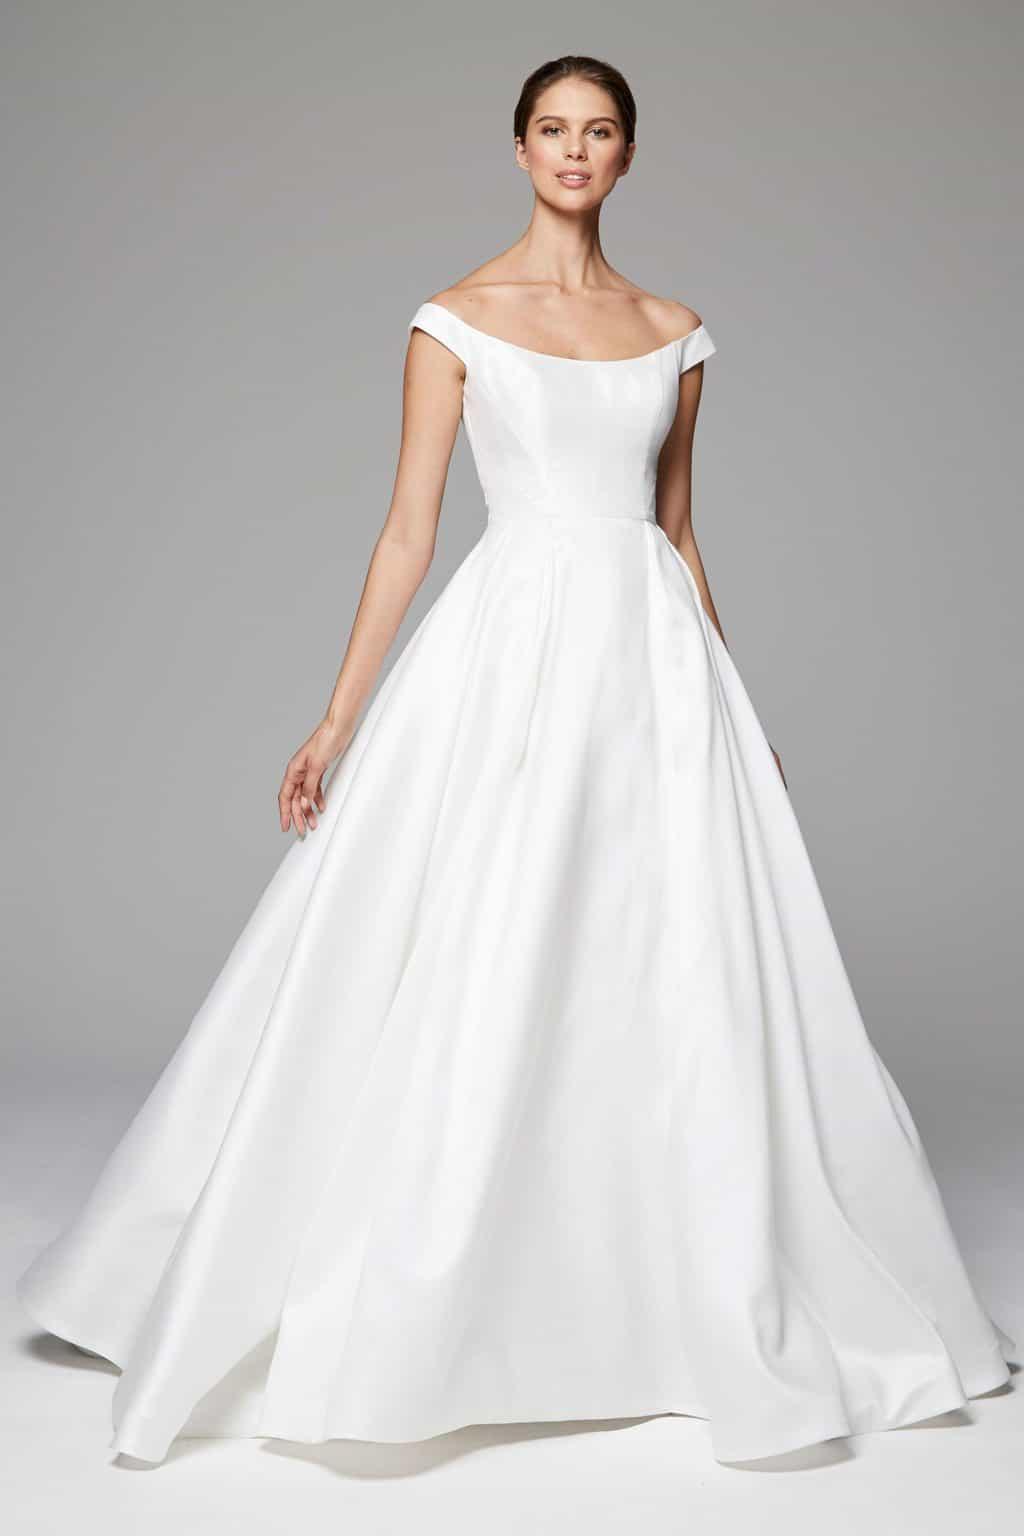 10-Anne-Barge-FW-18-Bridal